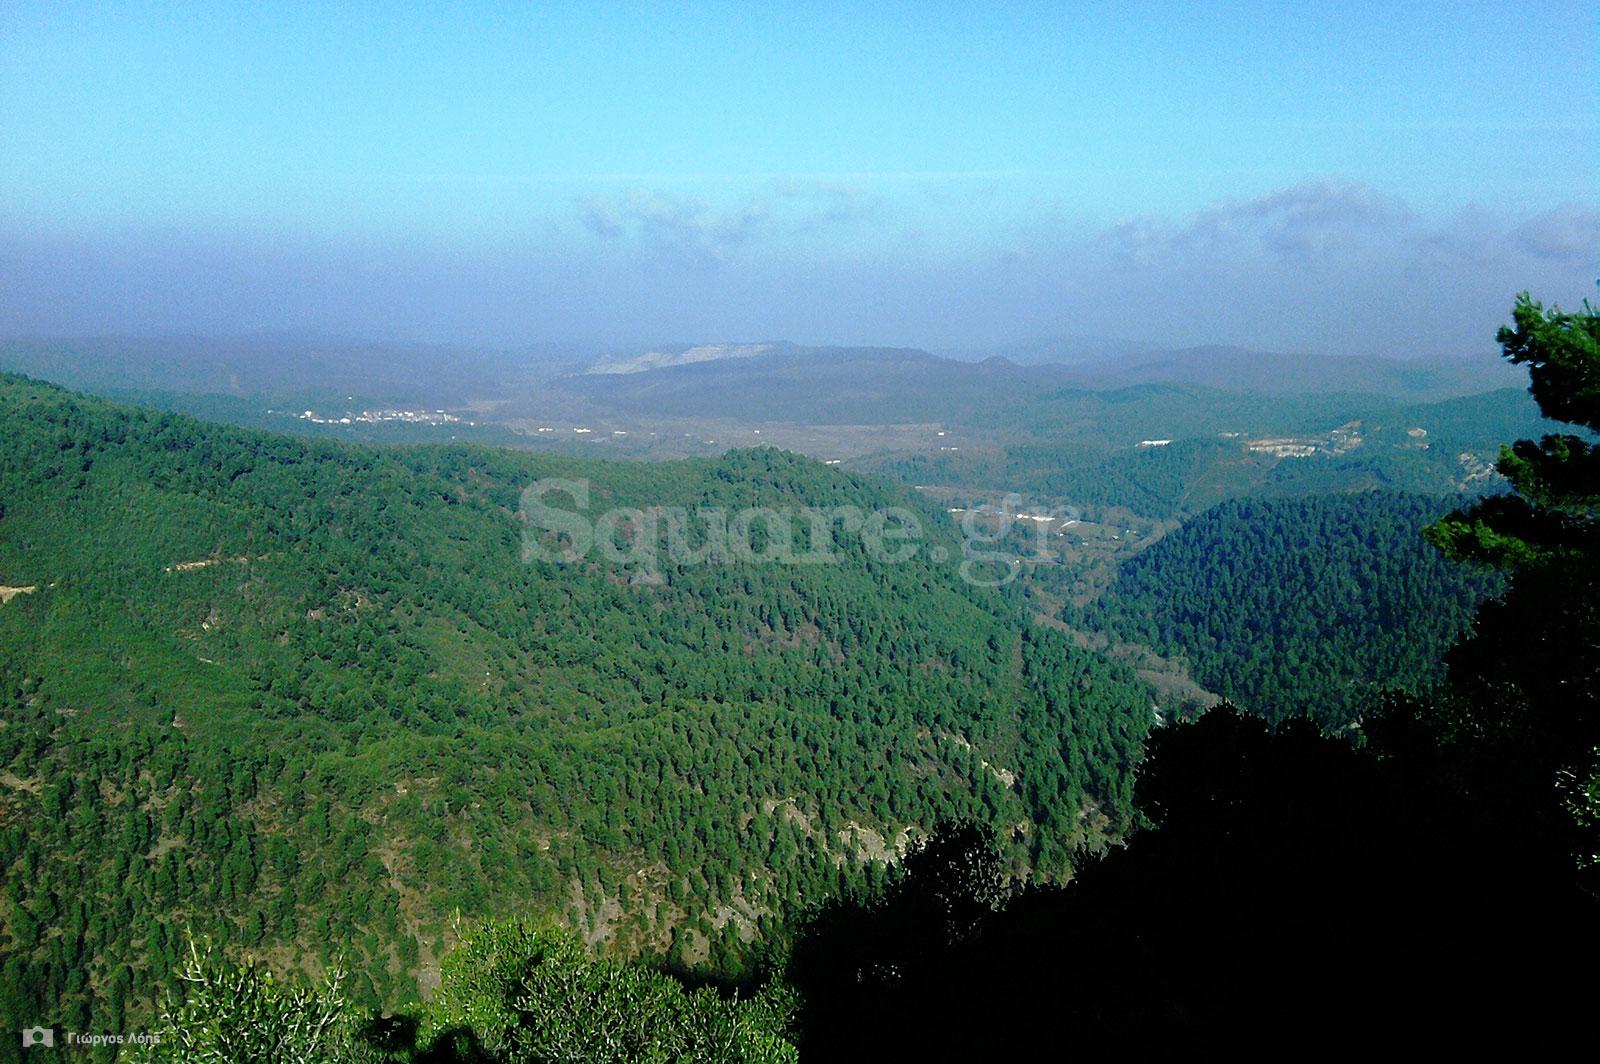 4-Άποψη-της-κοιλάδας-του-Προκοπίου-από-το-τα-βόρεια-τείχη-του-κάστρου